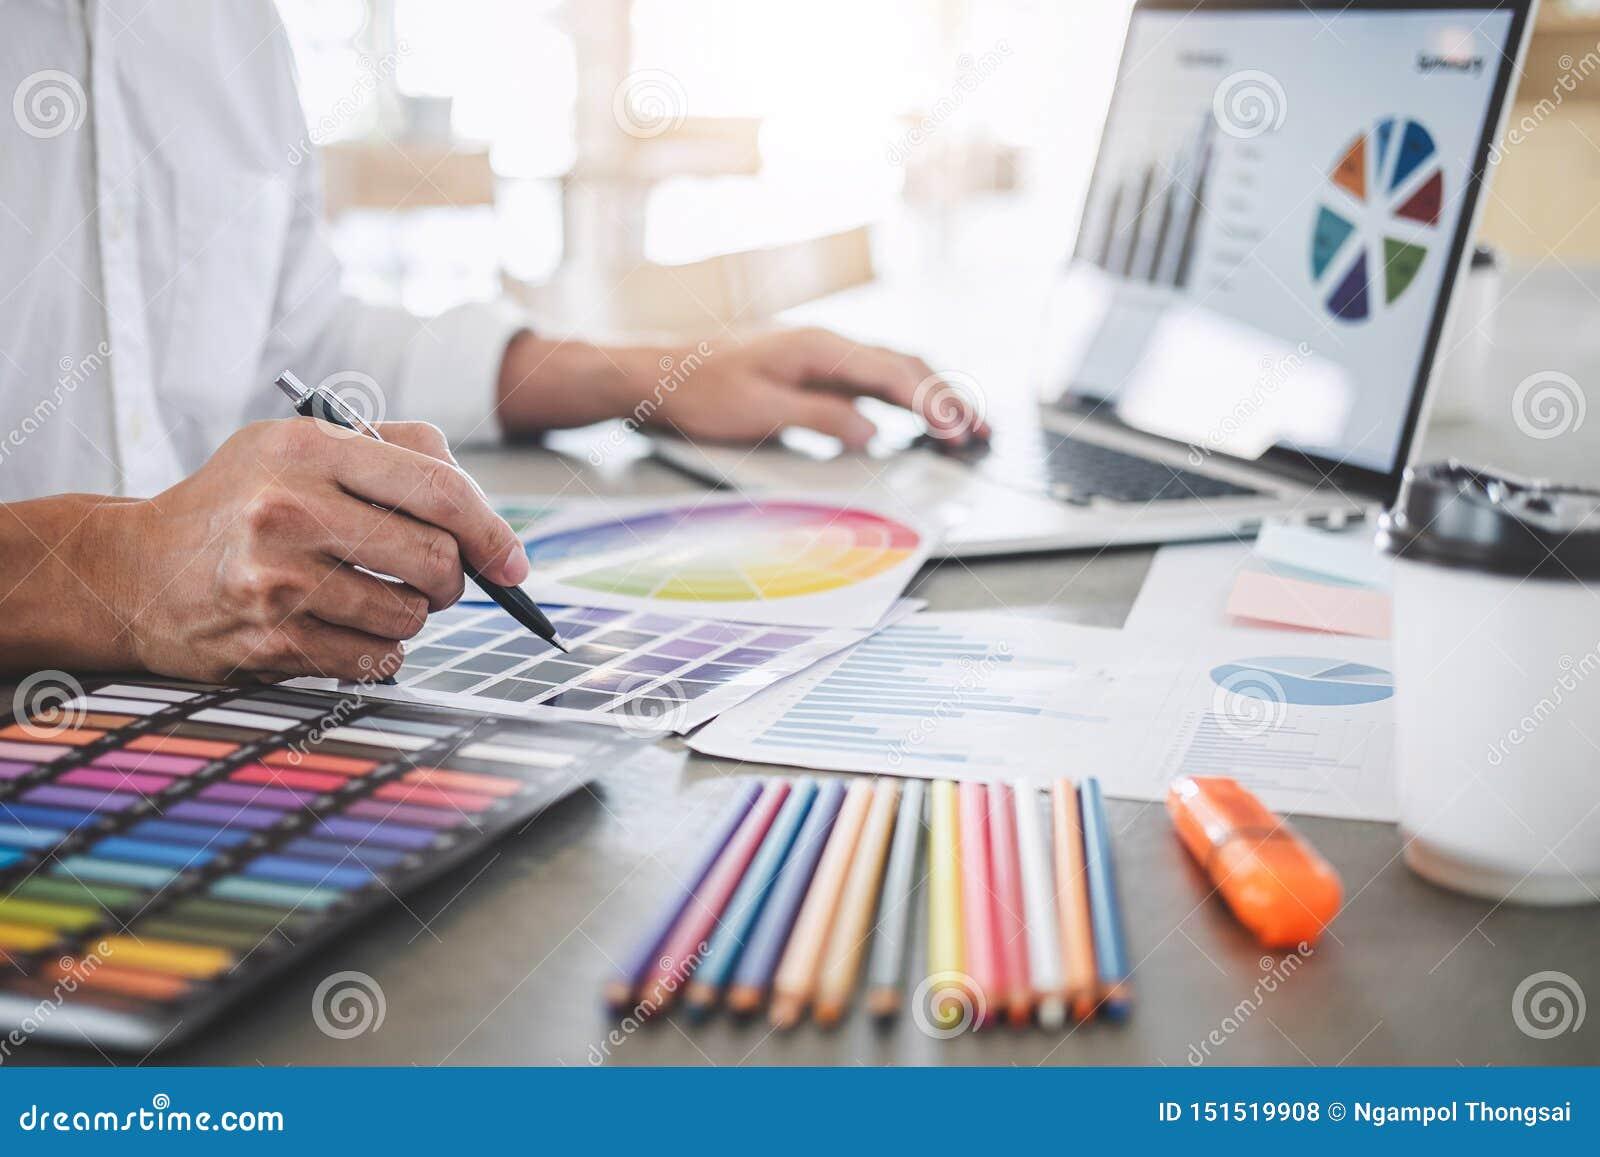 Νέος δημιουργικός γραφικός σχεδιαστής που εργάζεται αρχιτεκτονικά swatches σχεδίων και χρώματος προγράμματος, χρωματισμός επιλογή